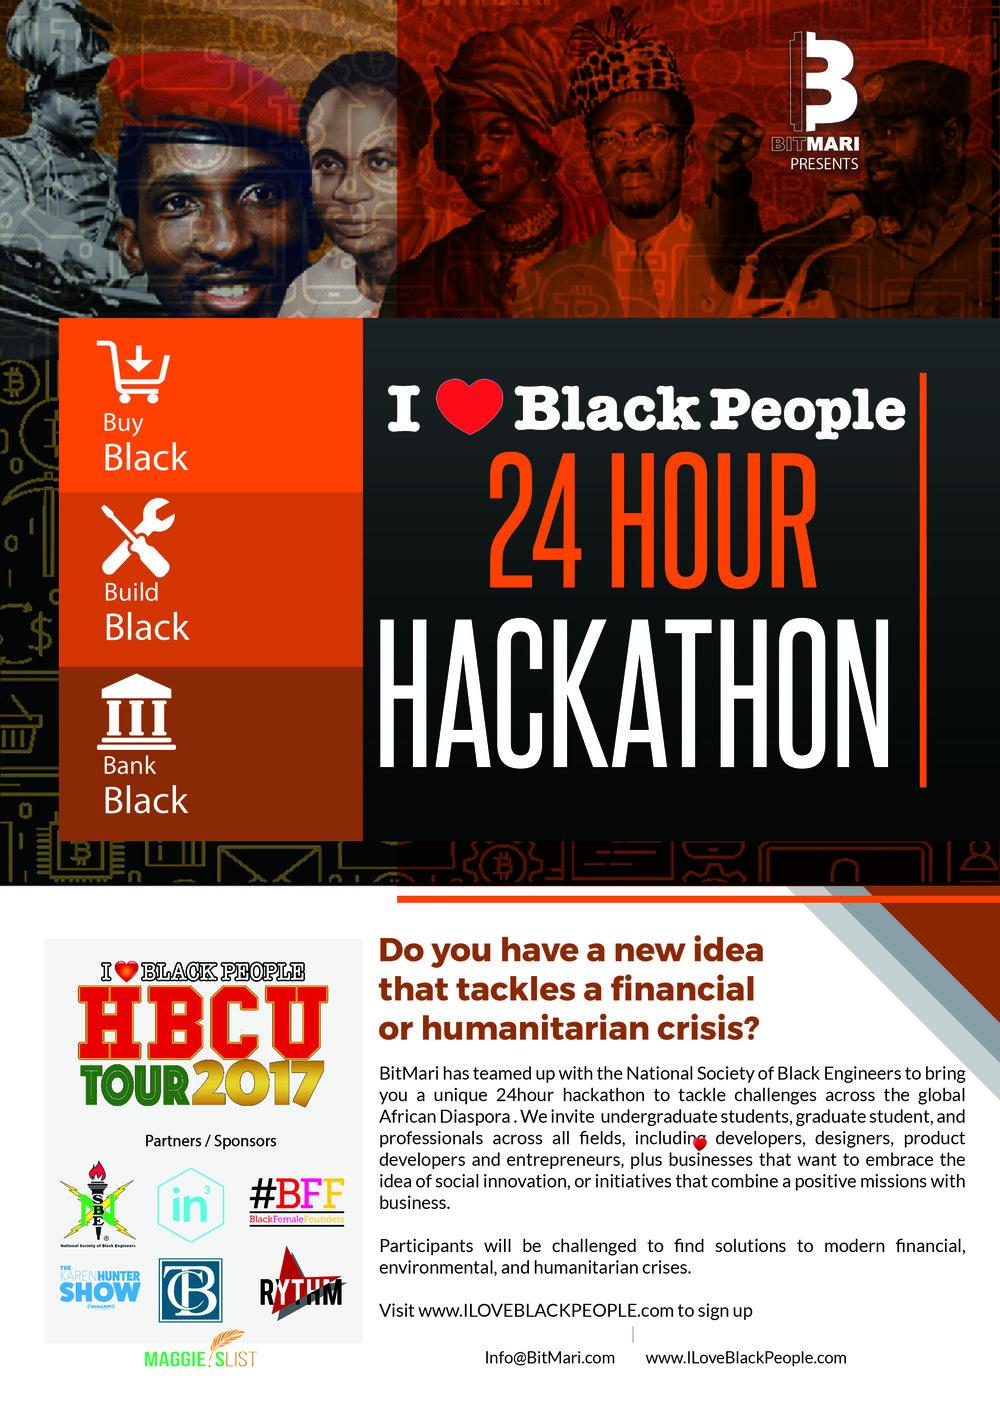 HBCUHackathonFlyer.jpg